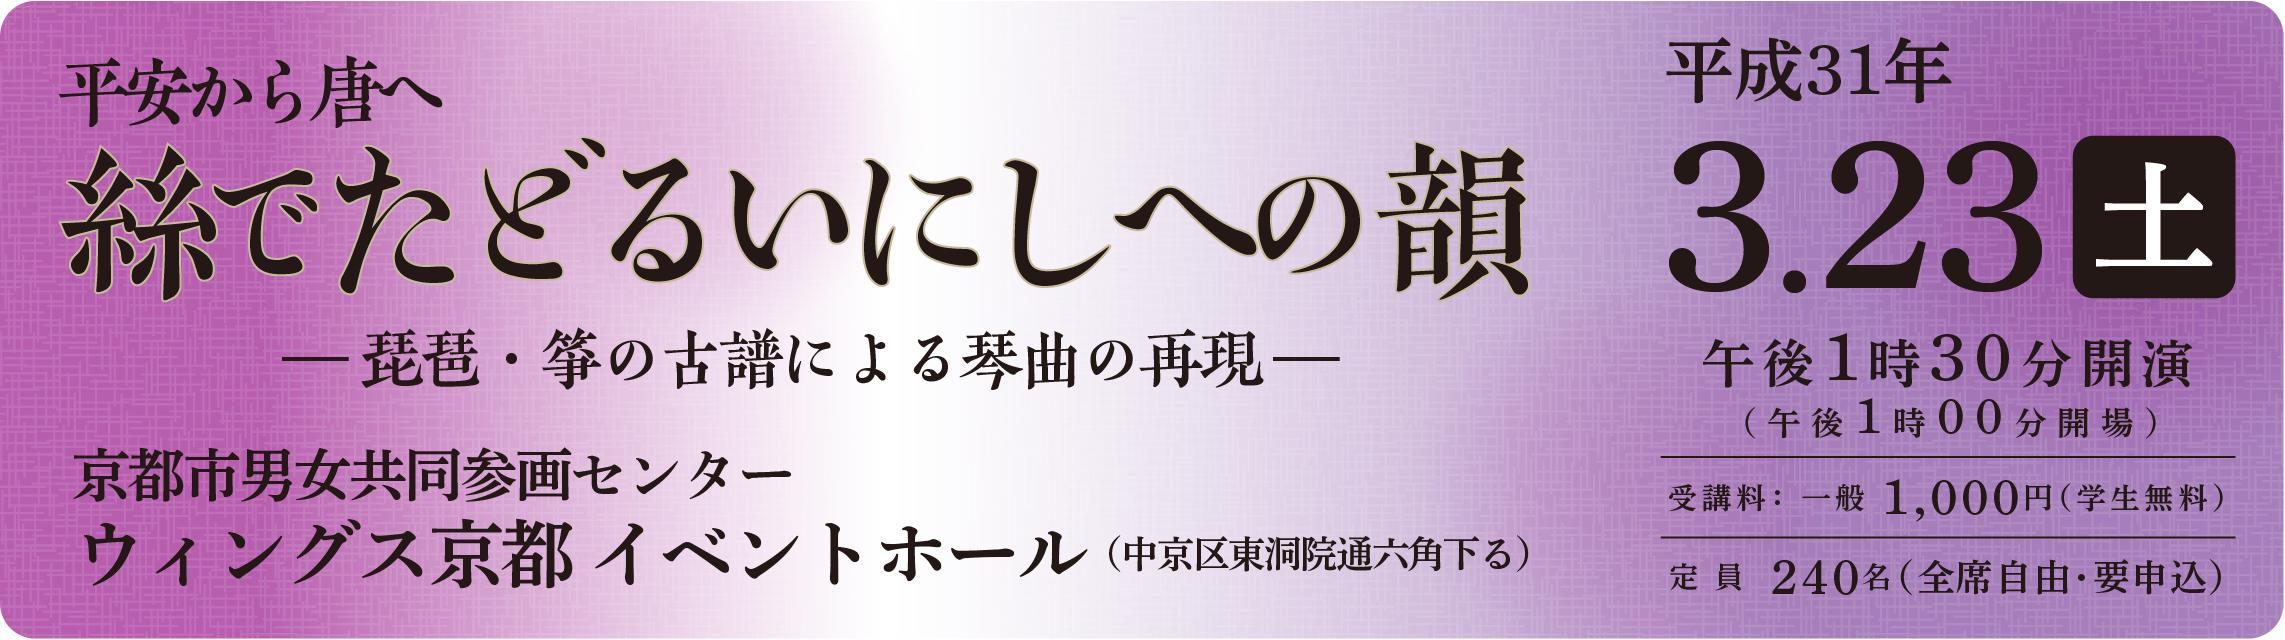 日本伝統音楽研究センター 公開講座